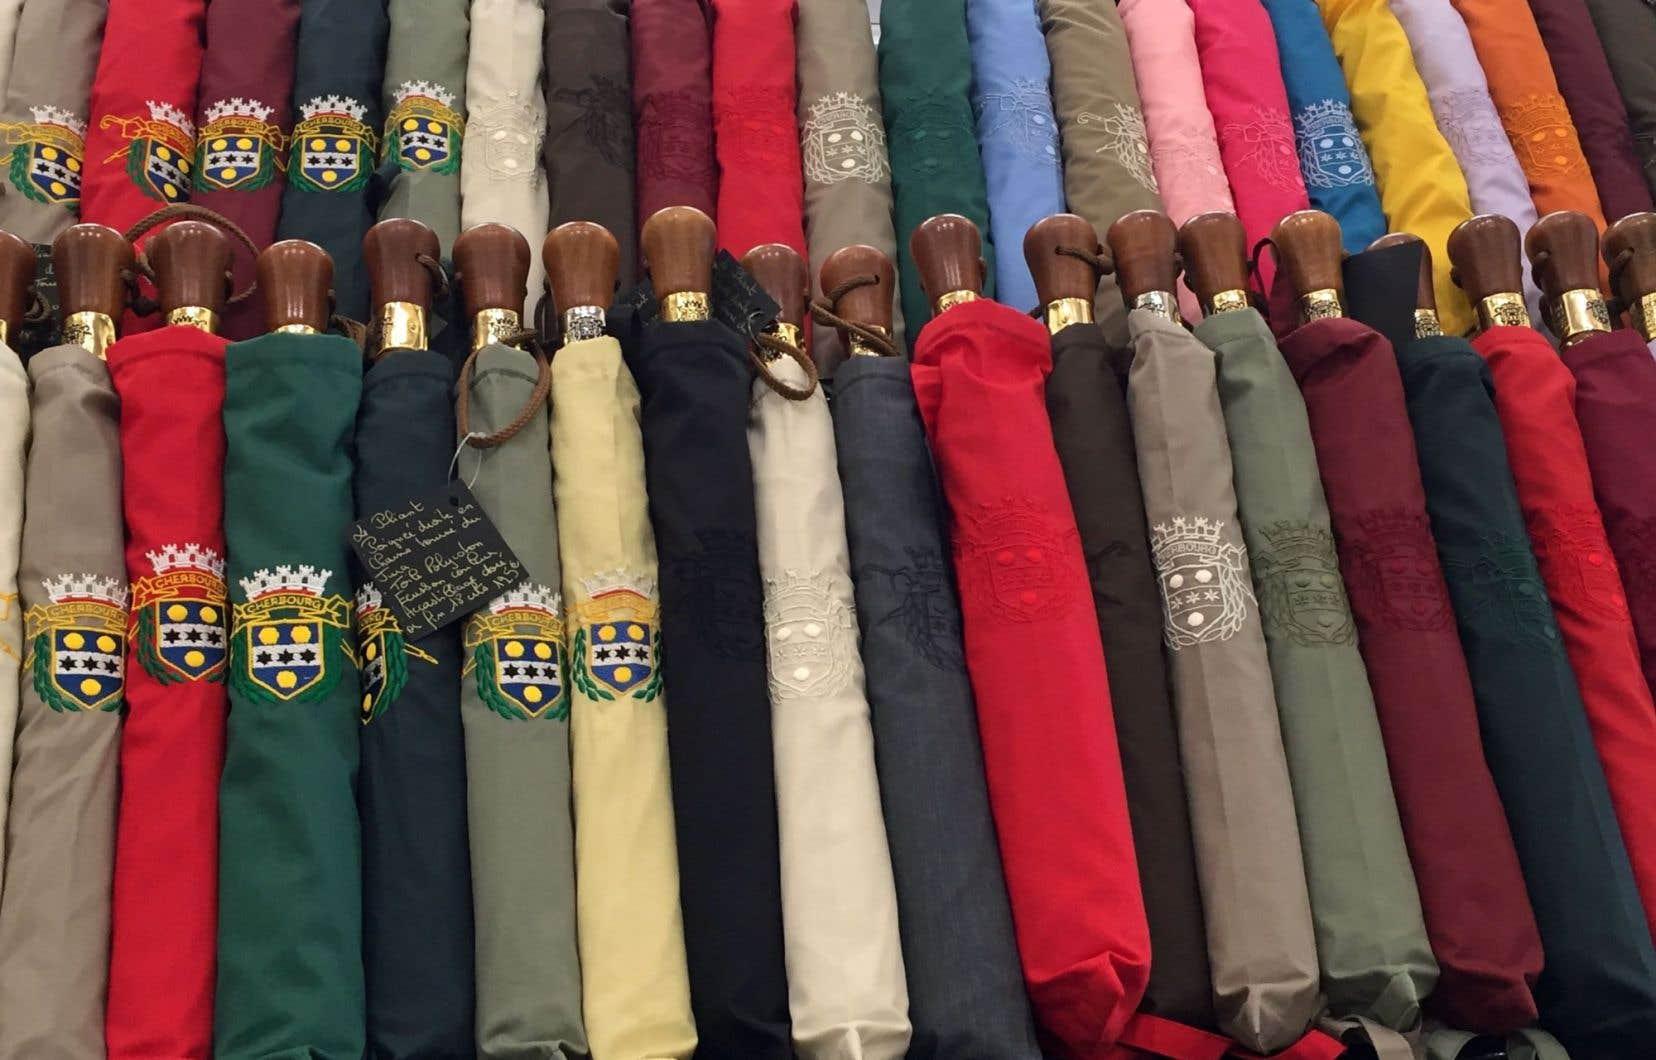 La parapluie emblématique a vu le jour plus de 20ans après la sortie du film «Les parapluies de Cherbourg» et se décline en une jolie palette de couleurs.